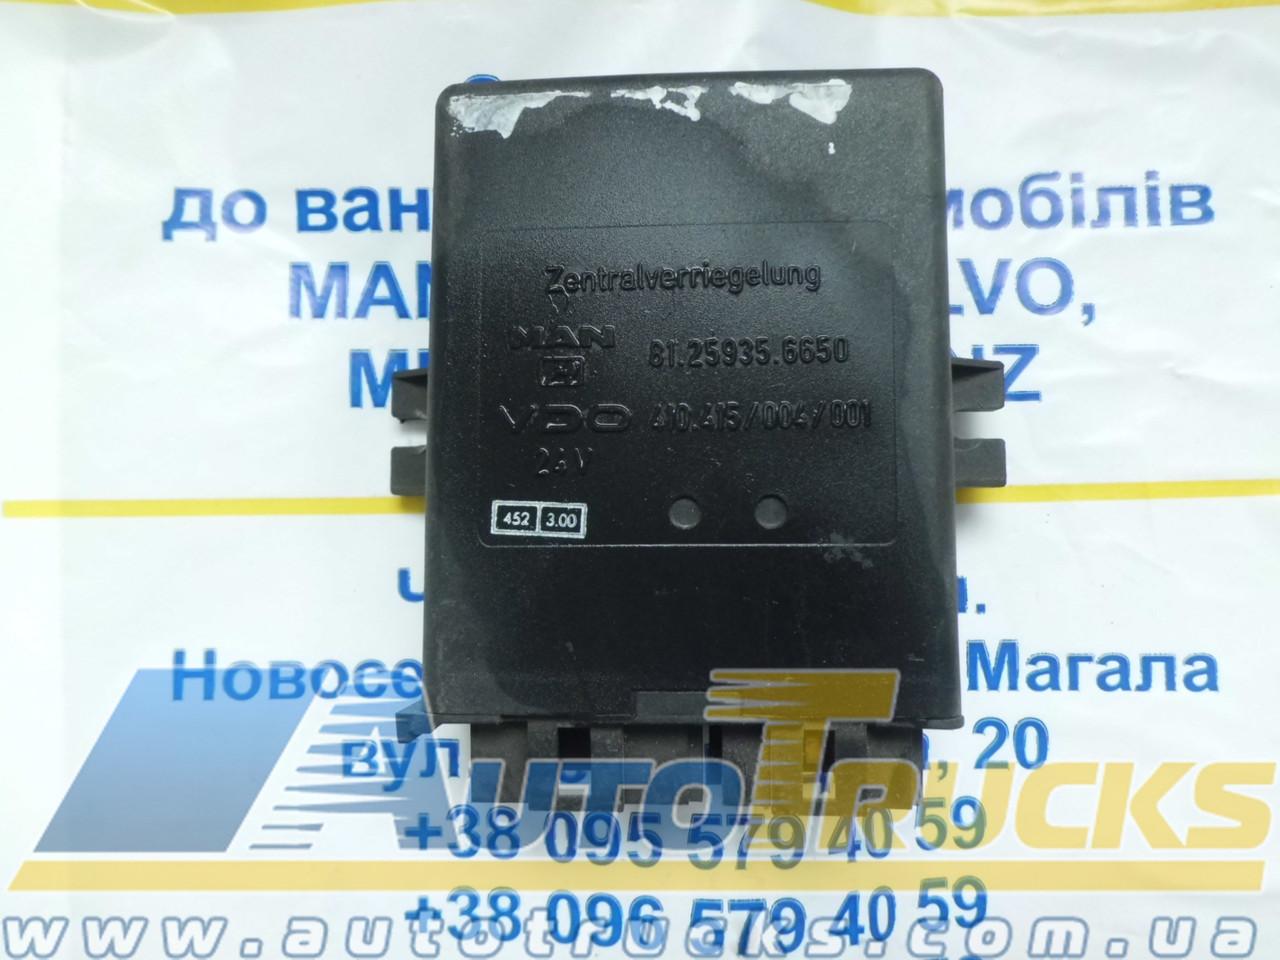 Блок управления VDO  центрального замка Б/у для MAN (81.25935.6650; 410.415/004/001; 81259356650; 410415004001)